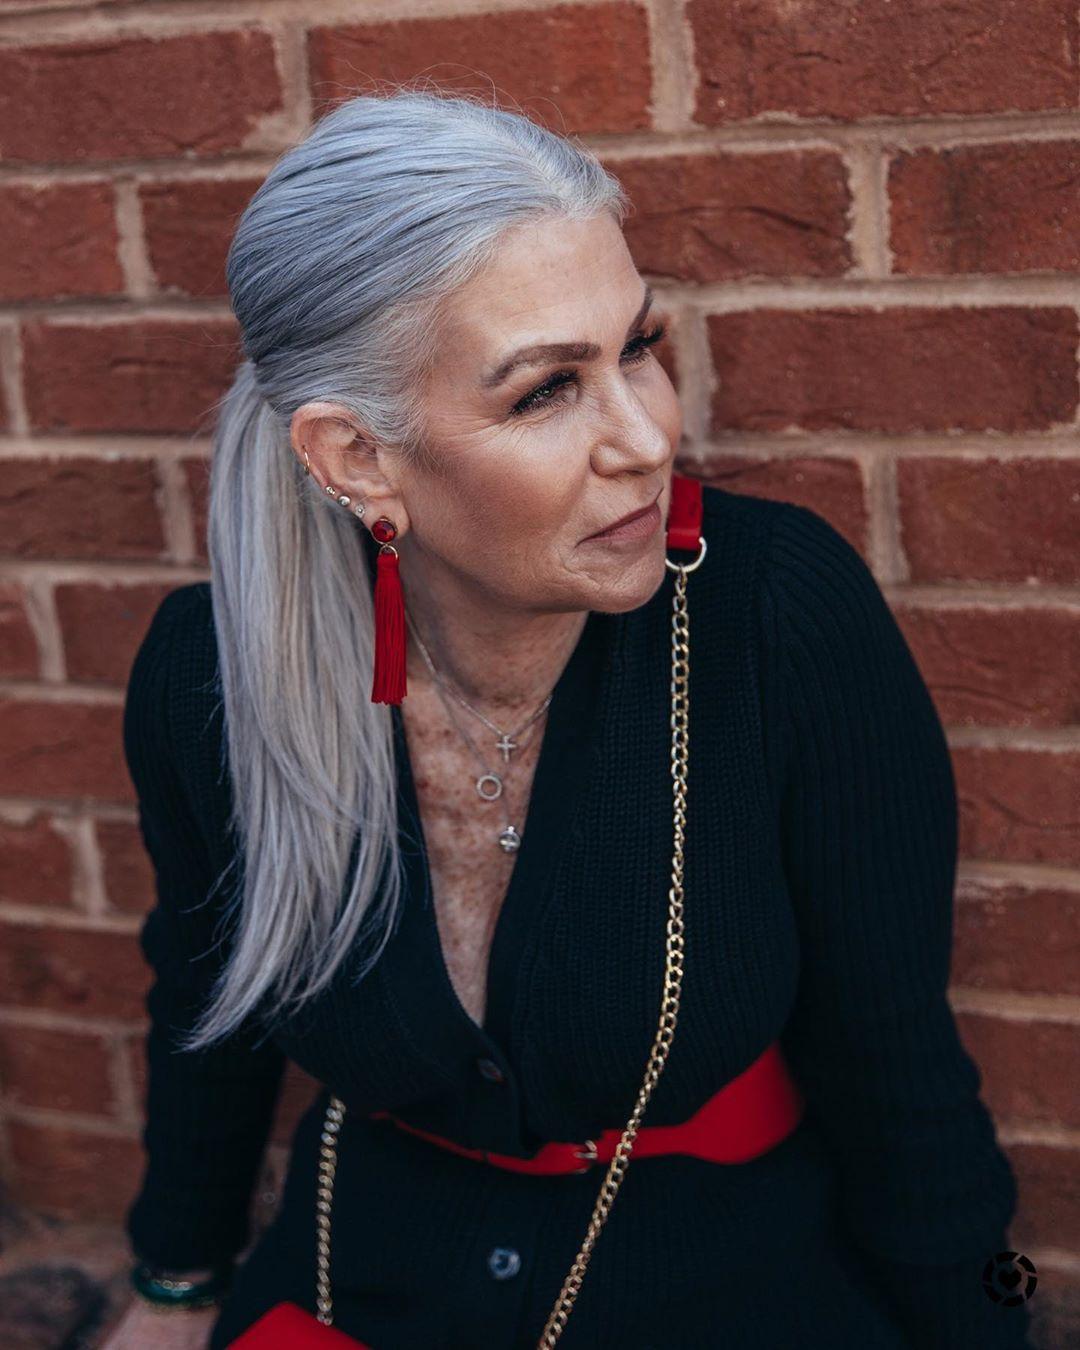 прически для женщин старше 50 лет фото 9